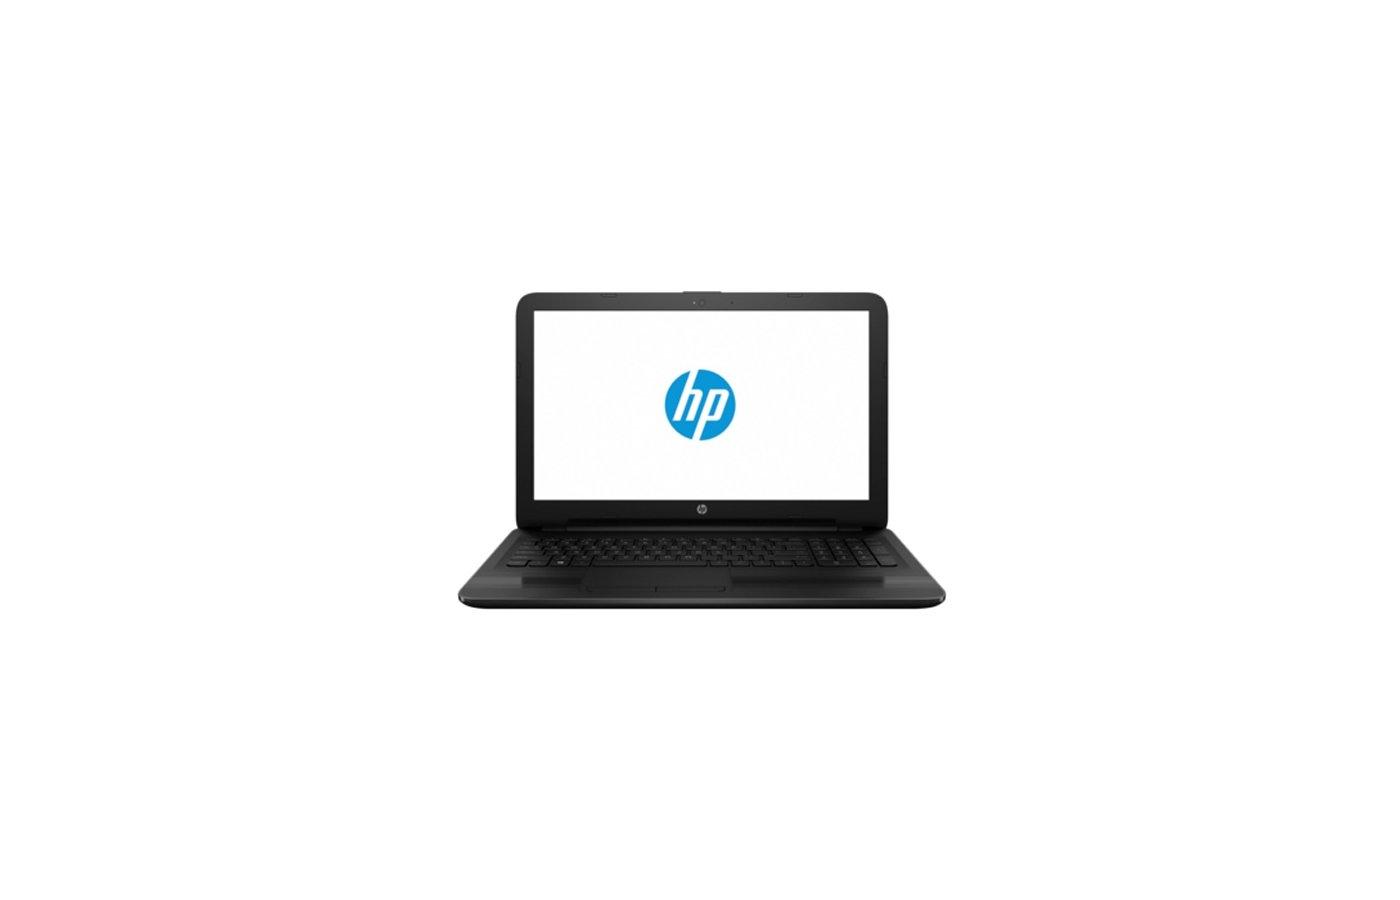 Ноутбук HP 15-ba093UR /X7G43EA/ AMD A6 7310/6Gb/1000+8SSDGb/DVDRW/R5 M430 2Gb/15.6FHD/WiFi/Win10